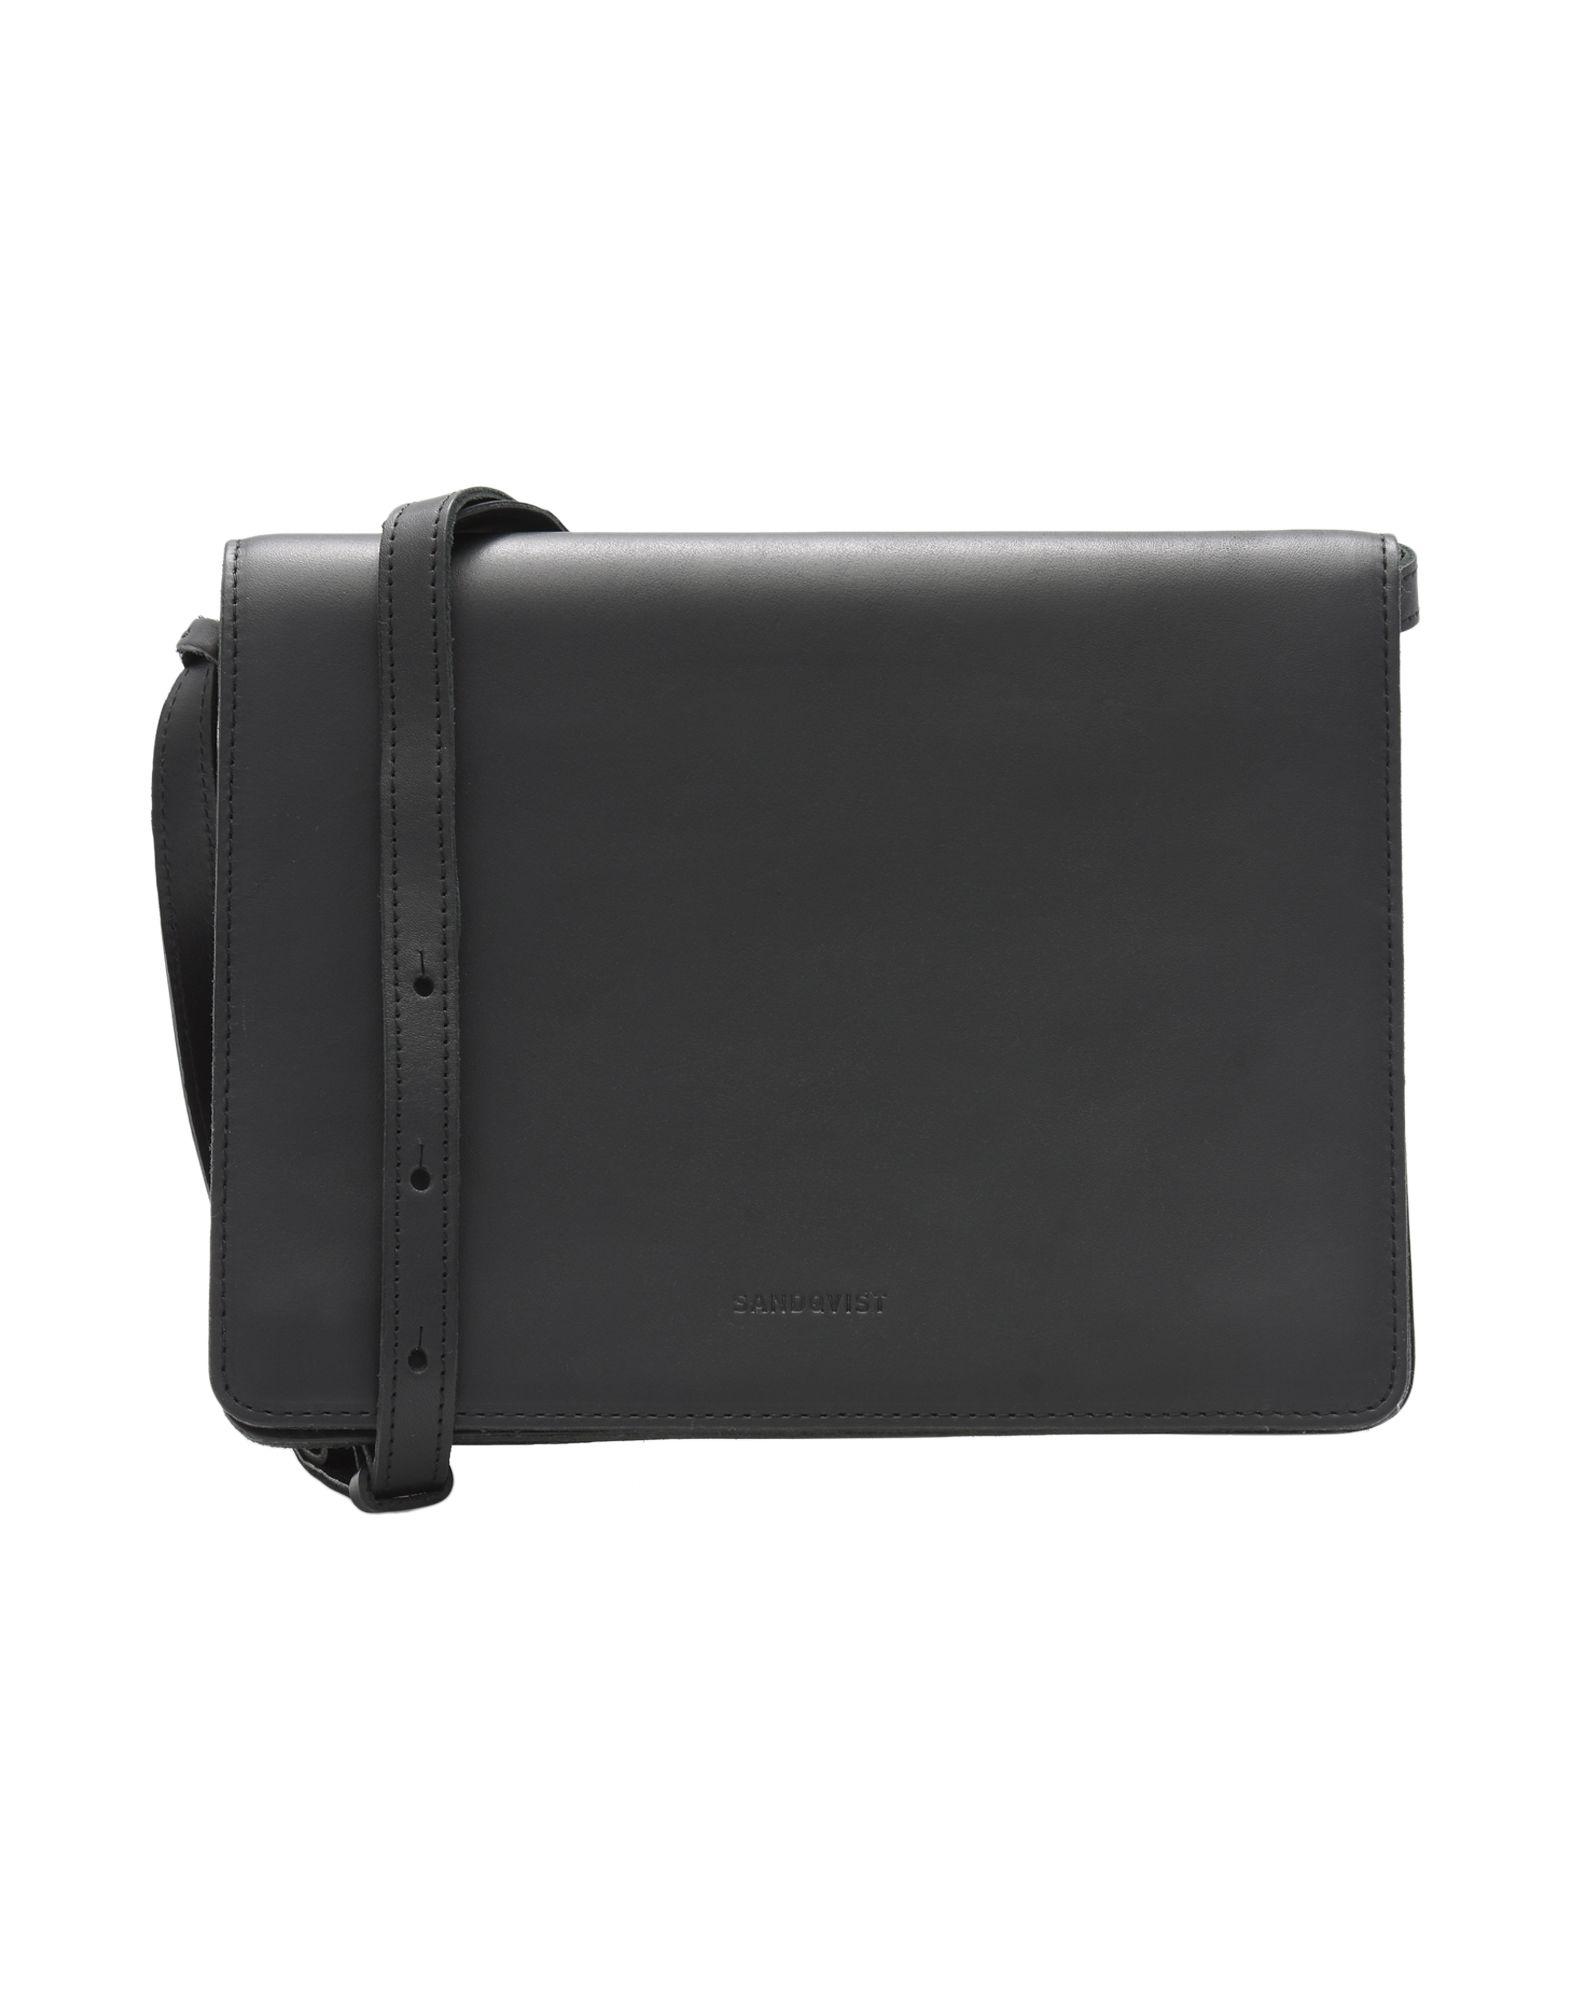 SANDQVIST Across-Body Bag in Black